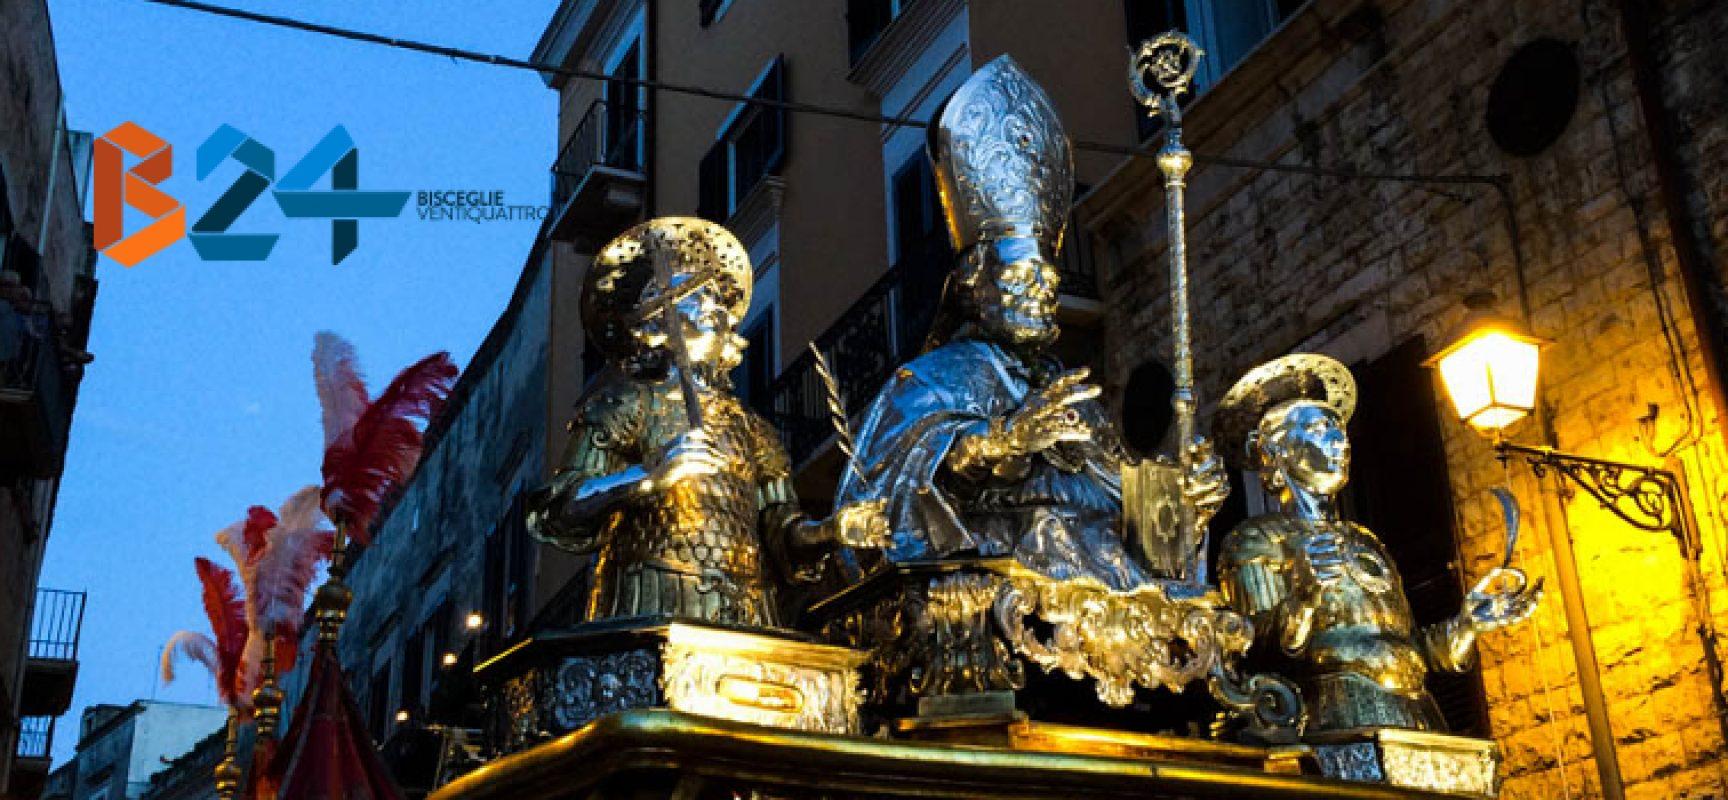 Festa Patronale in onore dei tre Santi, ecco il PROGRAMMA 2017 completo